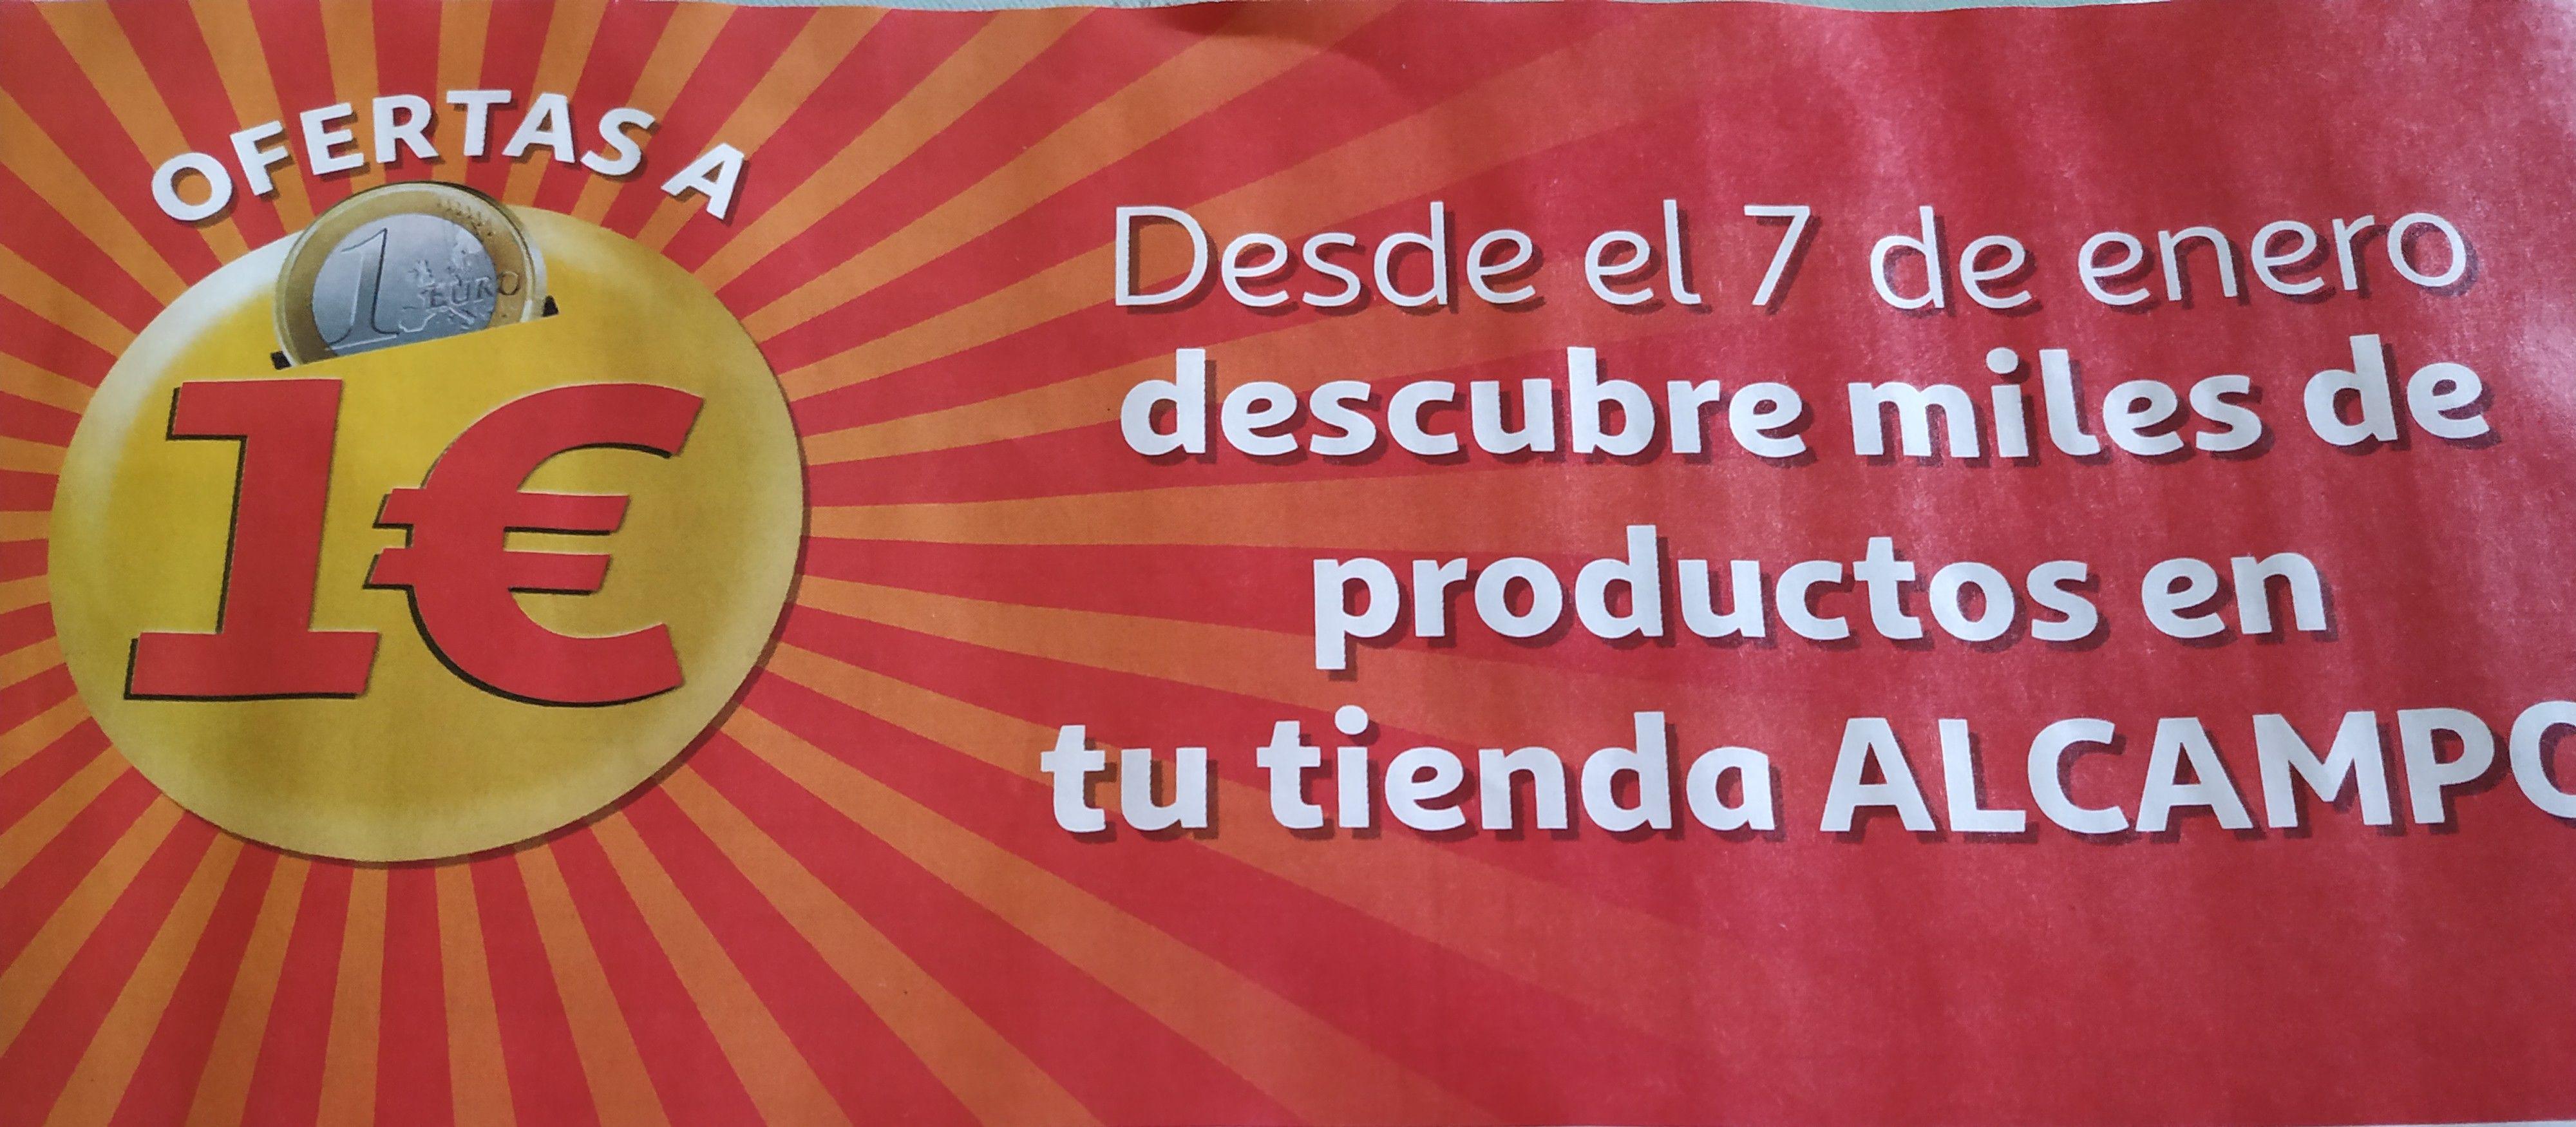 Ofertas +500 productos a 1€ en Alcampo